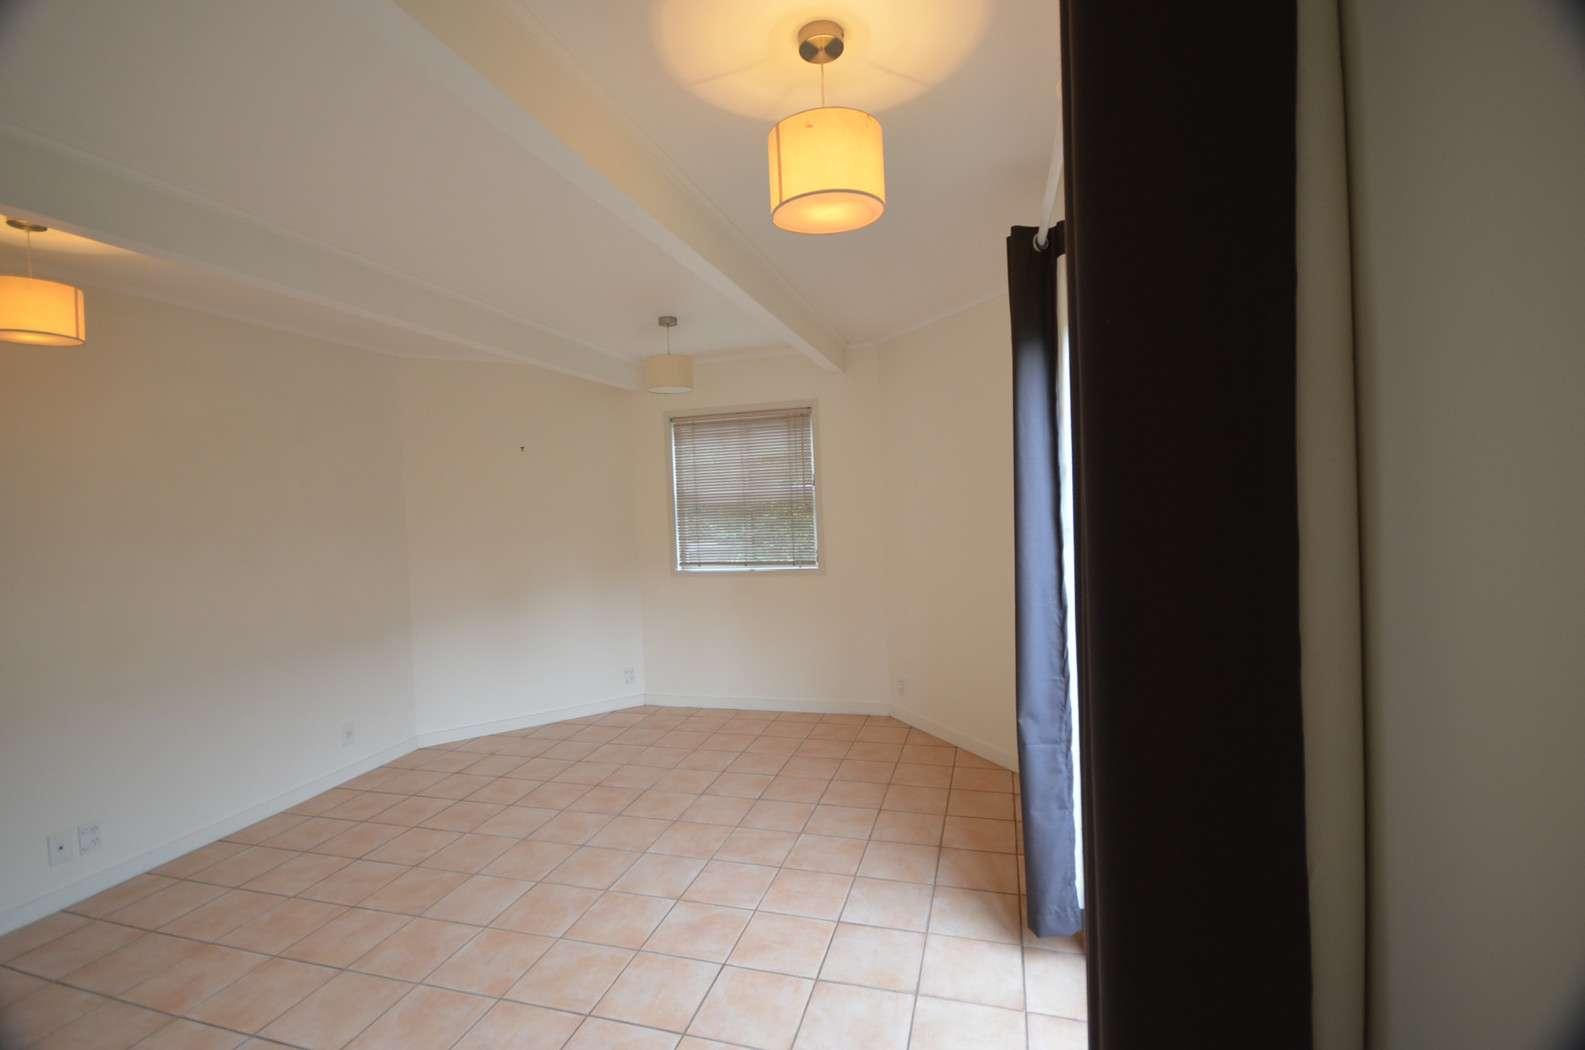 40B Crummer Road, Grey Lynn, Auckland City 1021